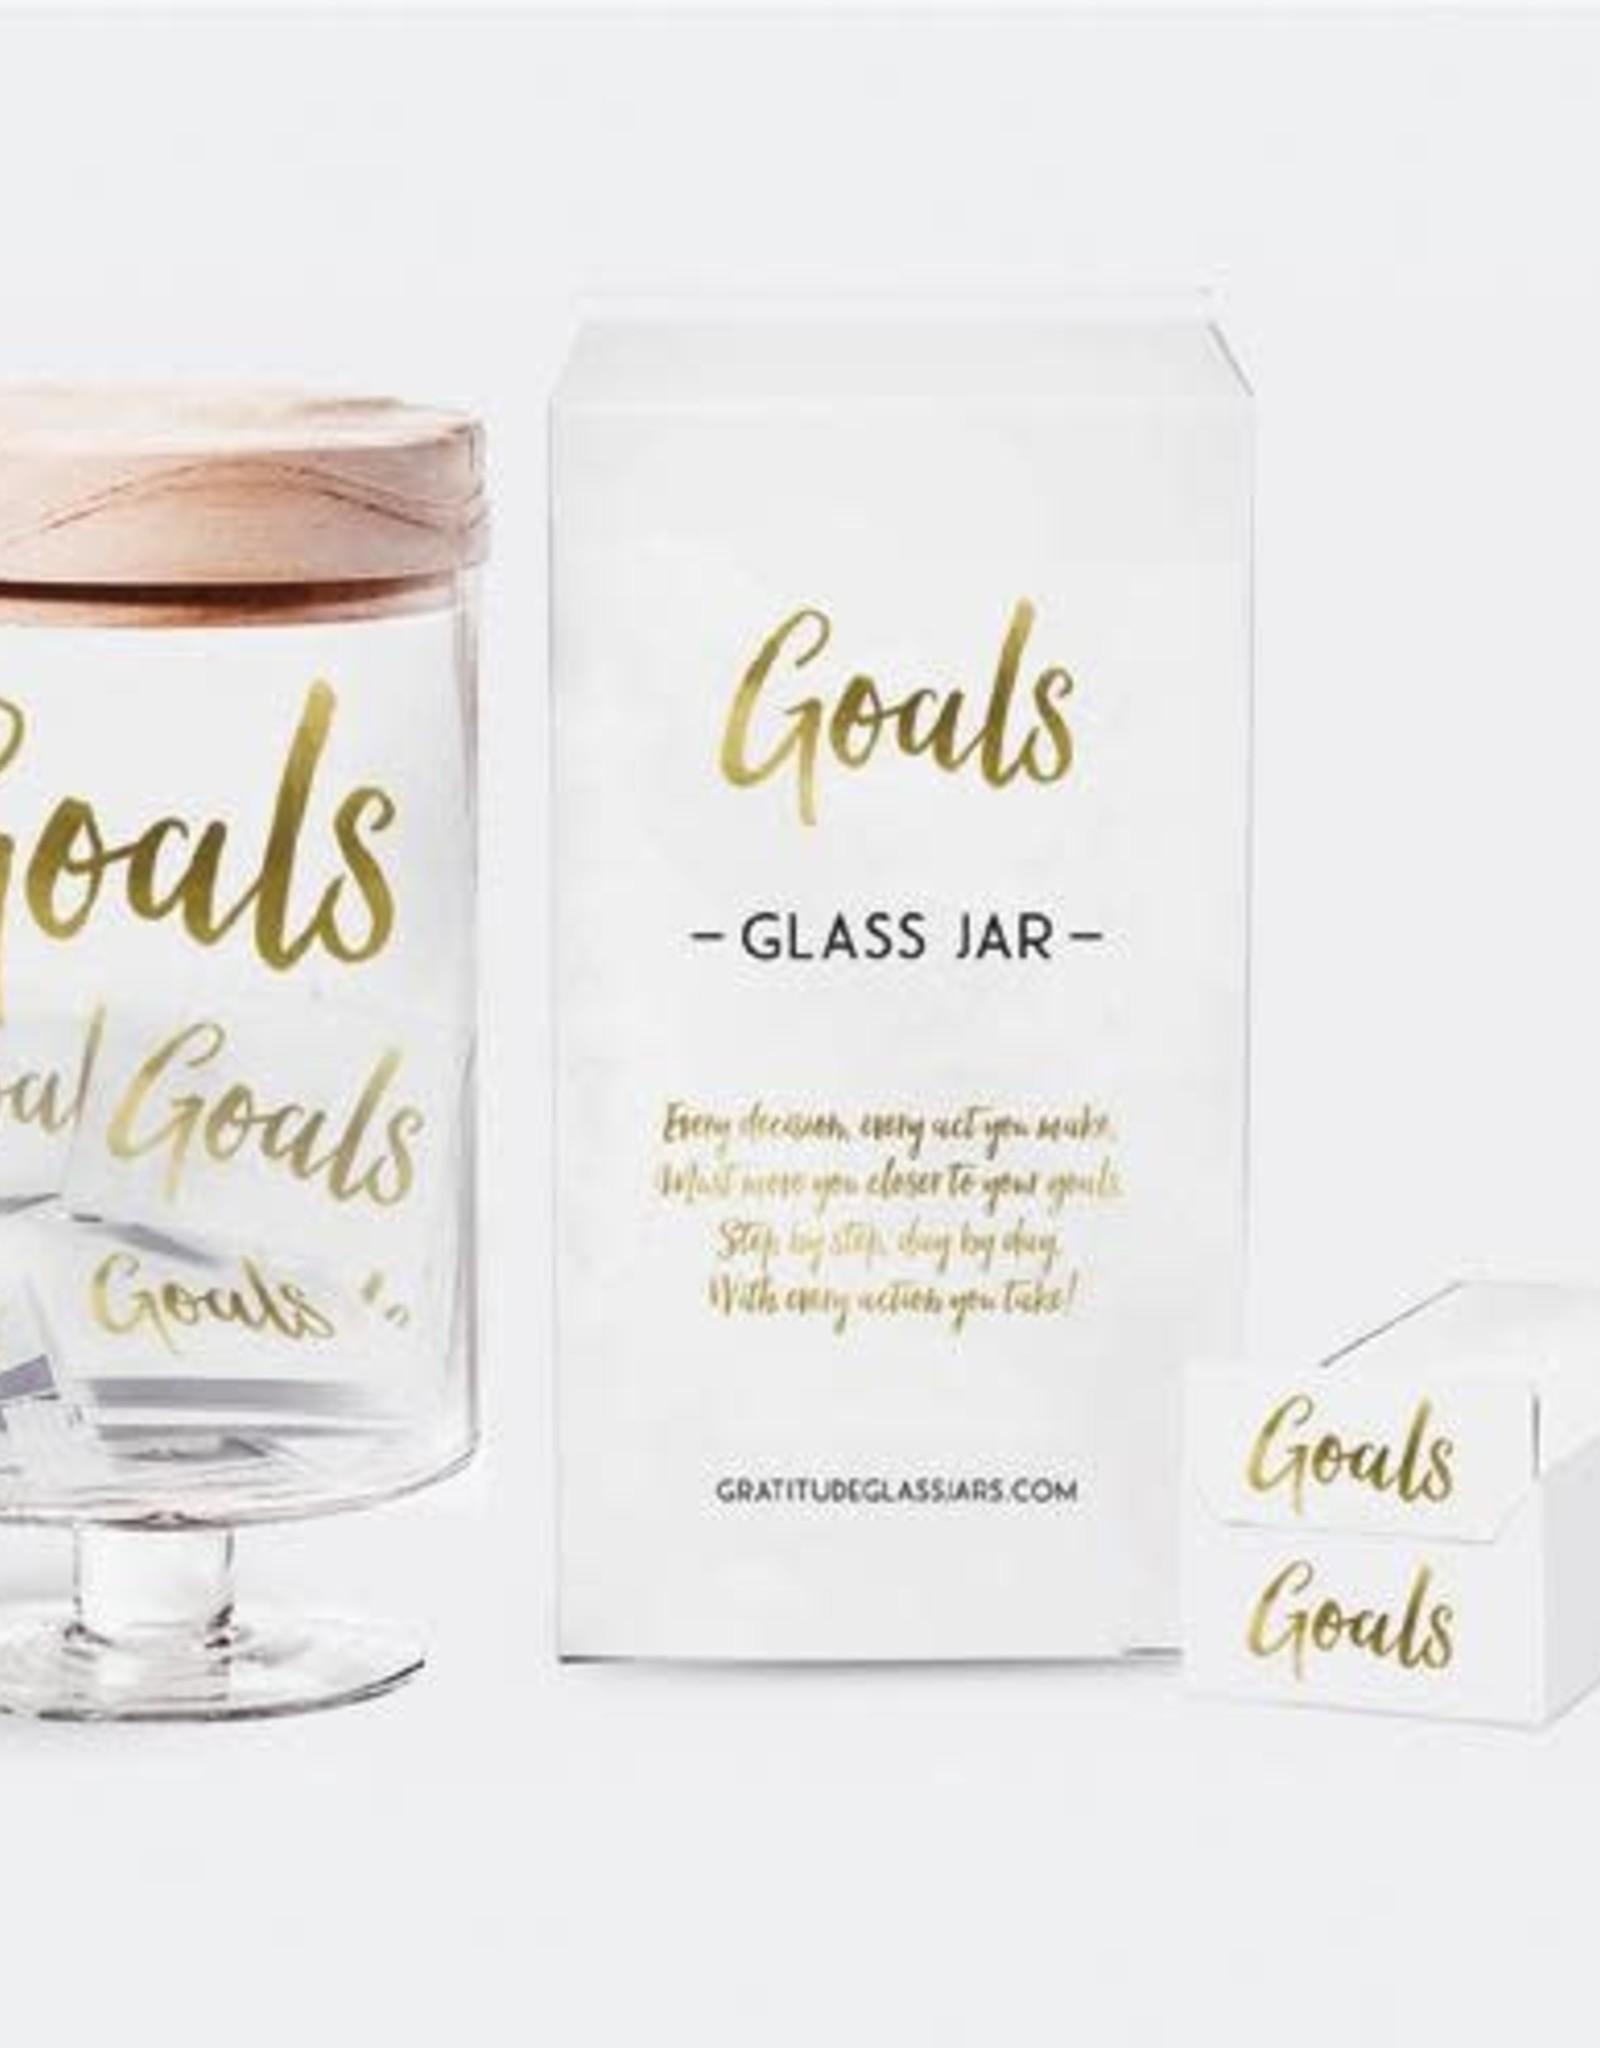 Gratitude Glass Jars Goals Glass Jar